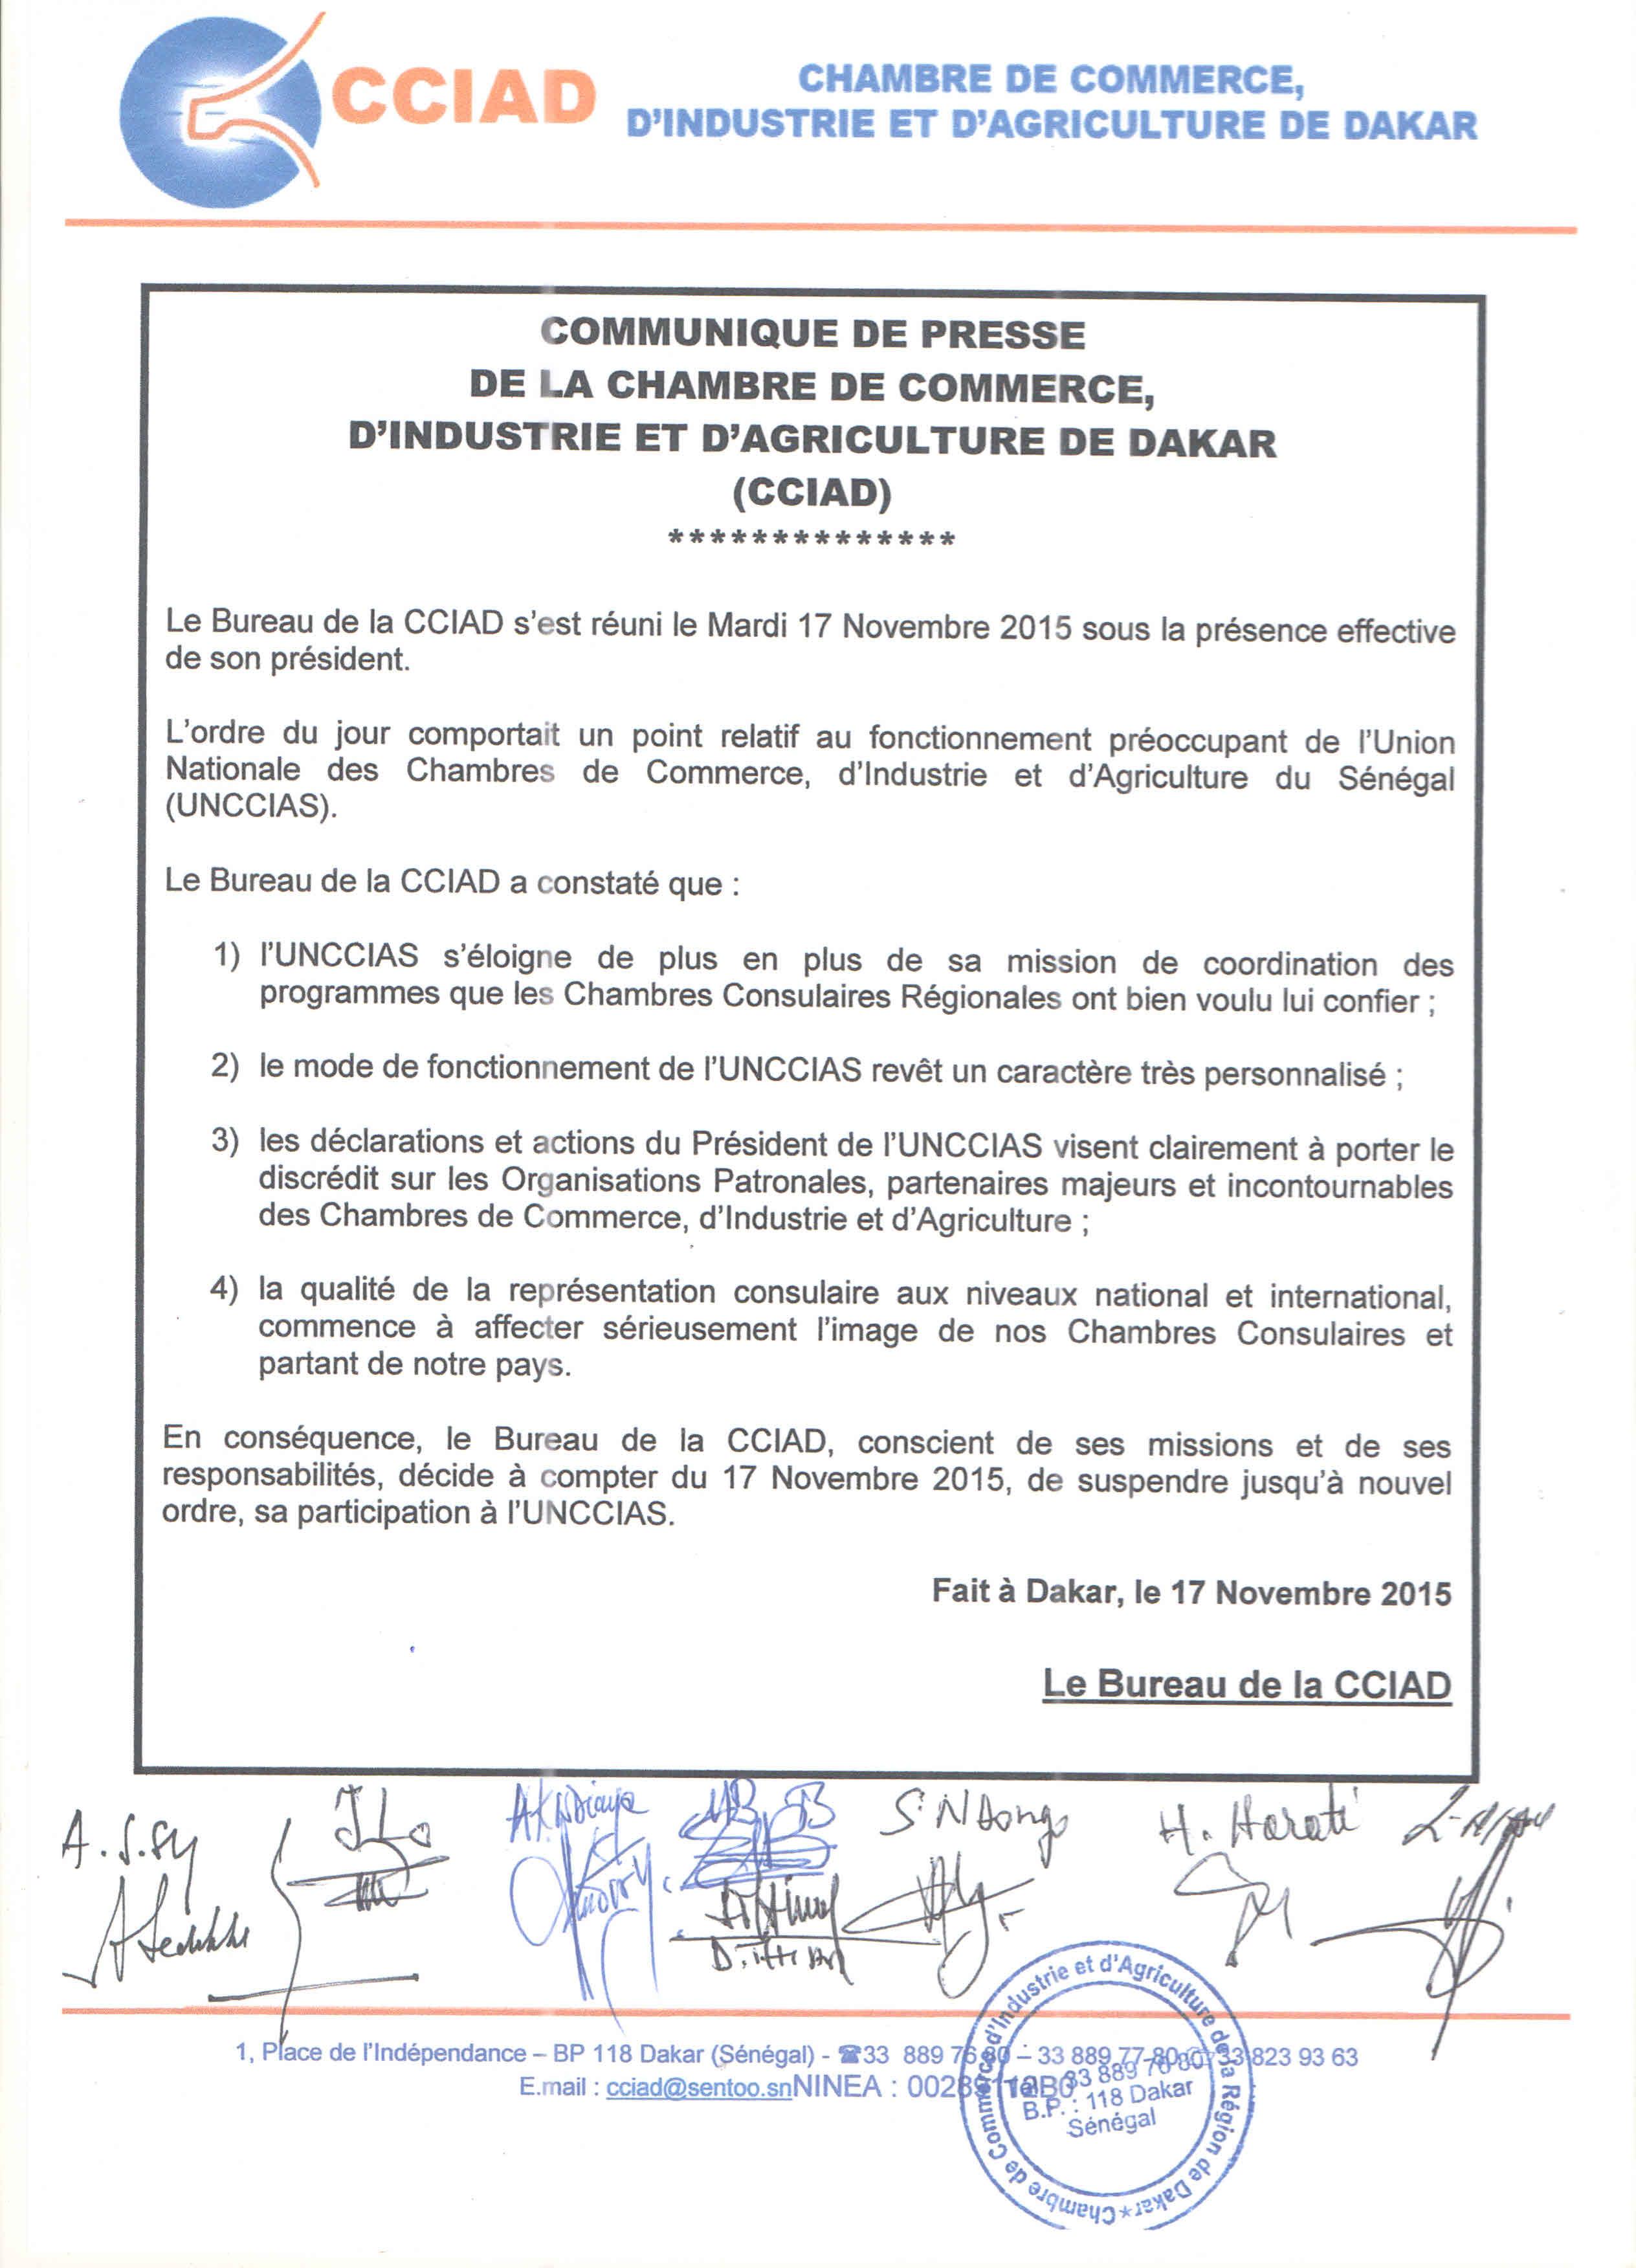 Pour comportement douteux : La CCIA de Dakar suspend ses activités dans l'Union Nationale des Chambres de Commerce